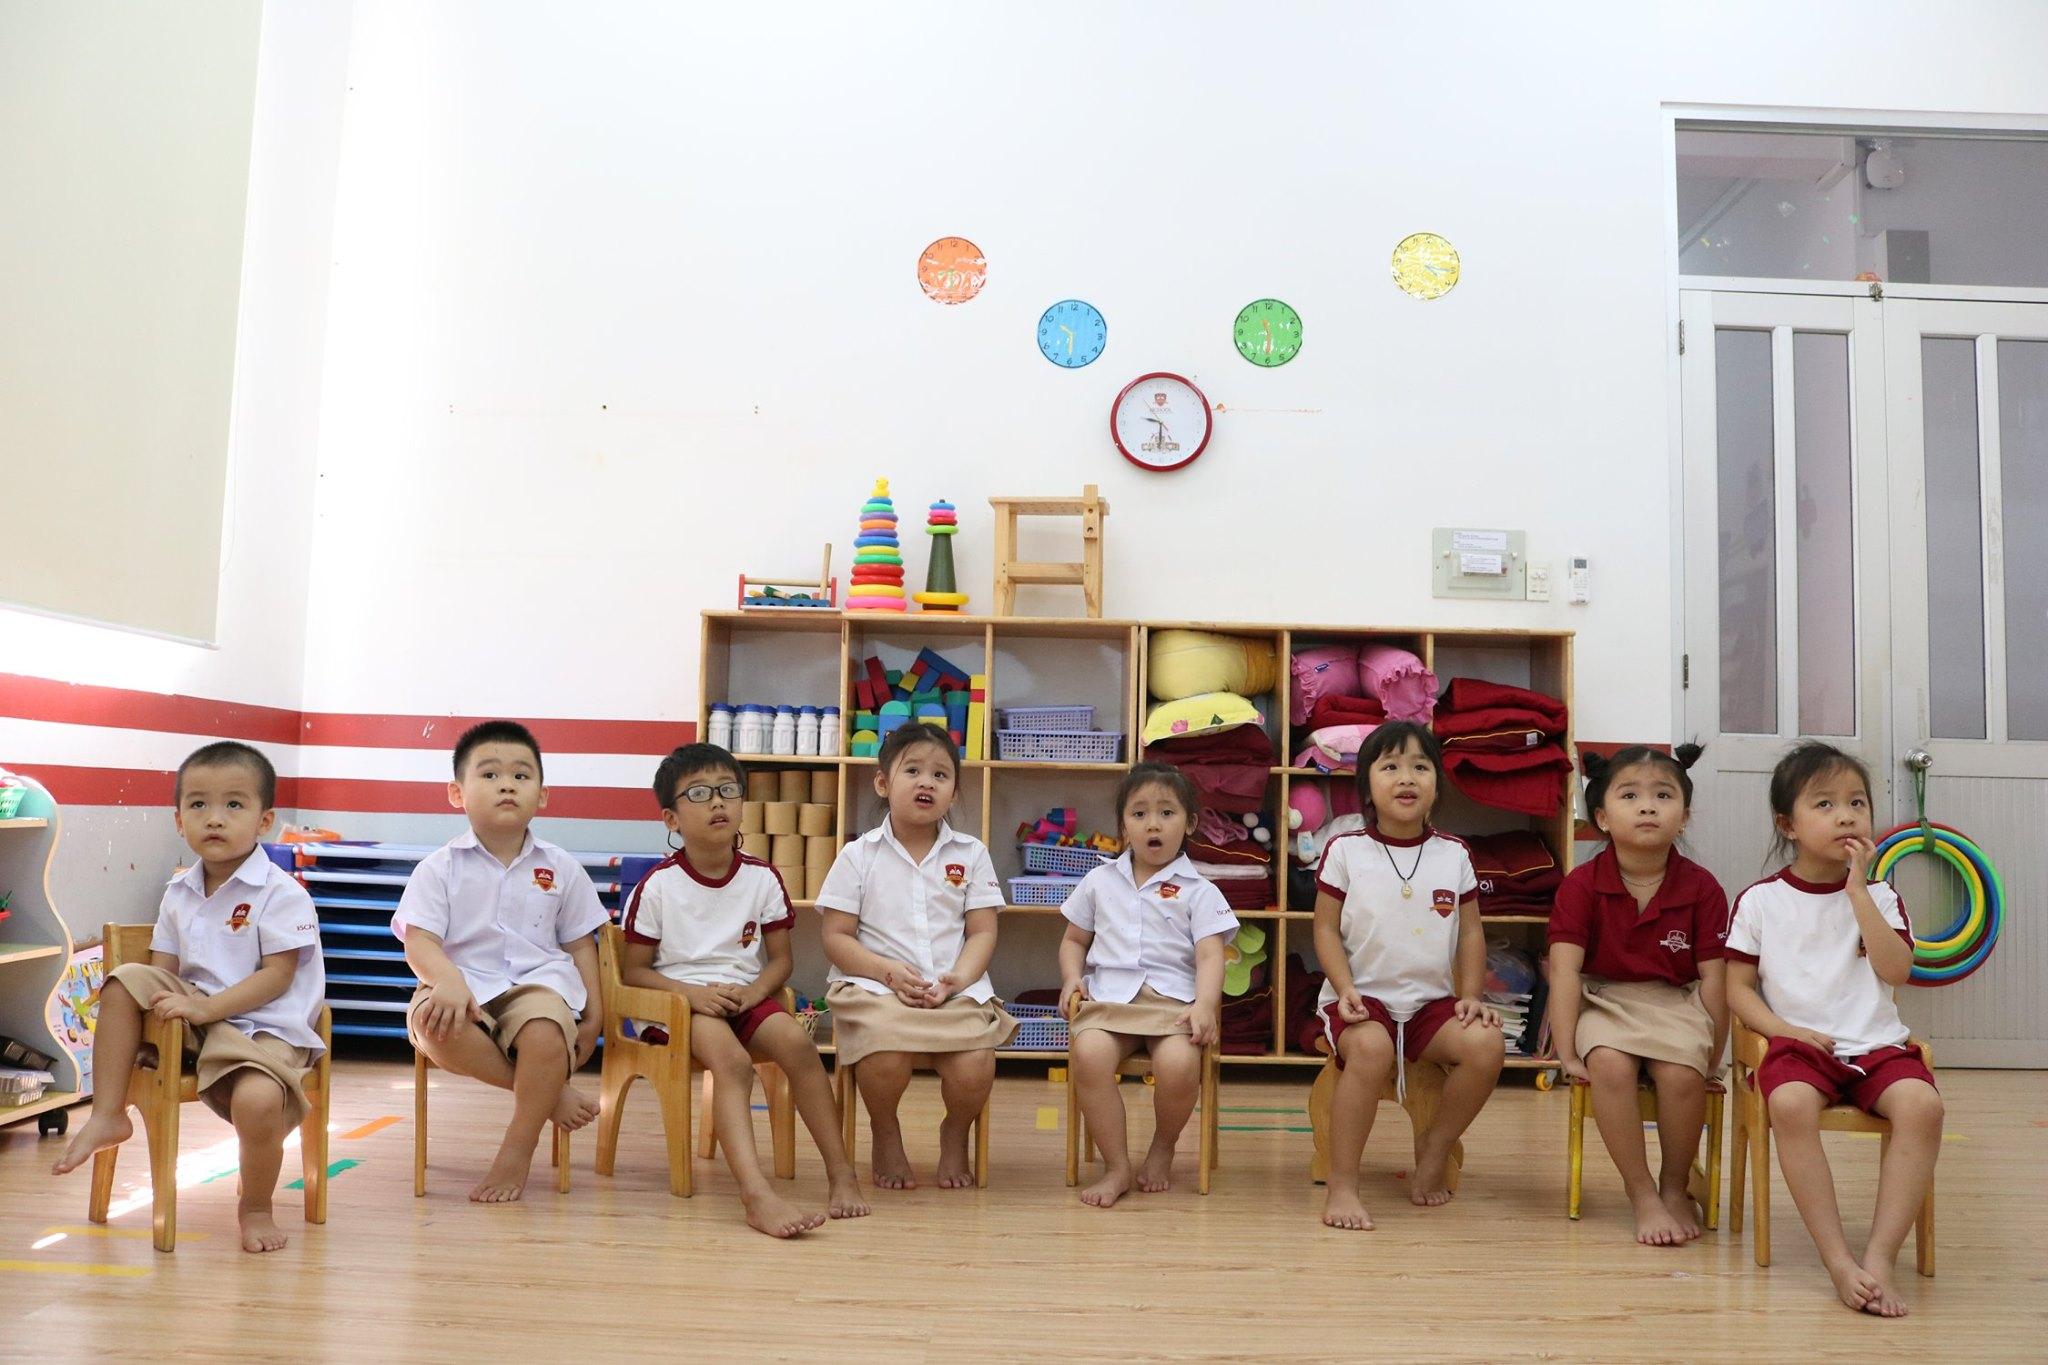 Ở Sài Gòn có một ngôi trường sang - xịn: Học phí hơn nửa tỷ mỗi năm nhưng nhìn chương trình học, bố mẹ nào cũng sẵn lòng mở ví - Ảnh 8.